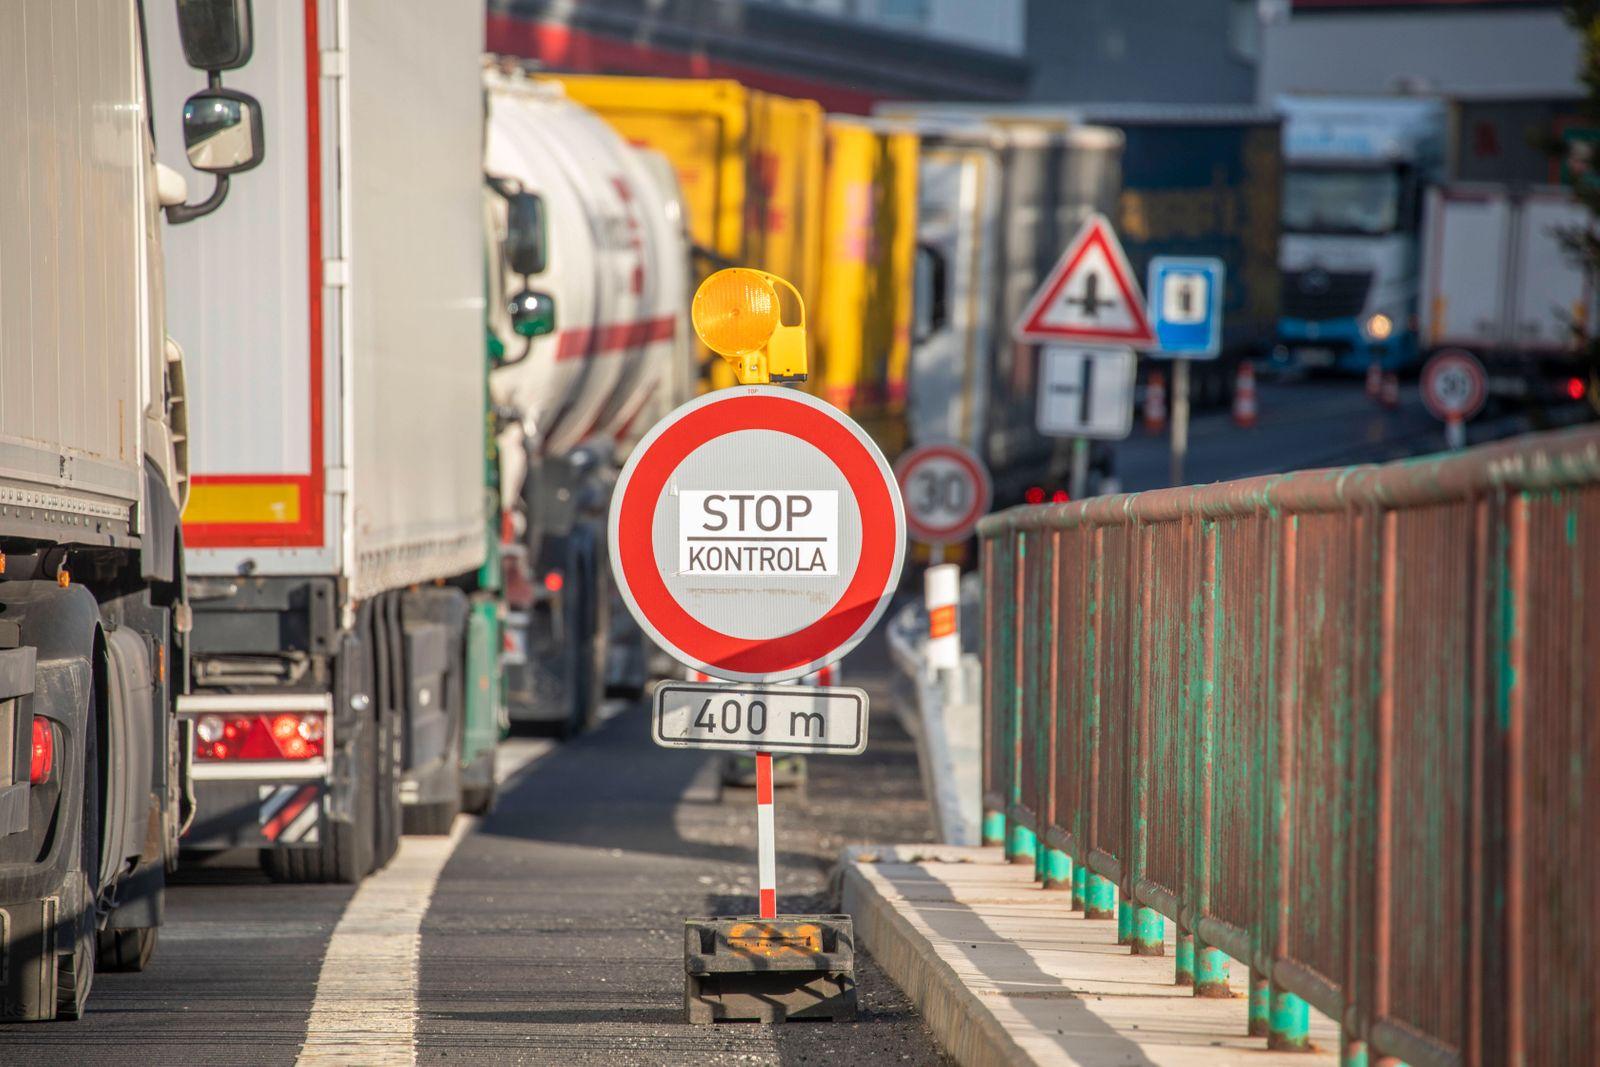 200415 Grenze. In der Coronakrise hat Tschechien ein Einreise- und Ausreiseverbot erlassen. Das wurde seit Dienstag gelo